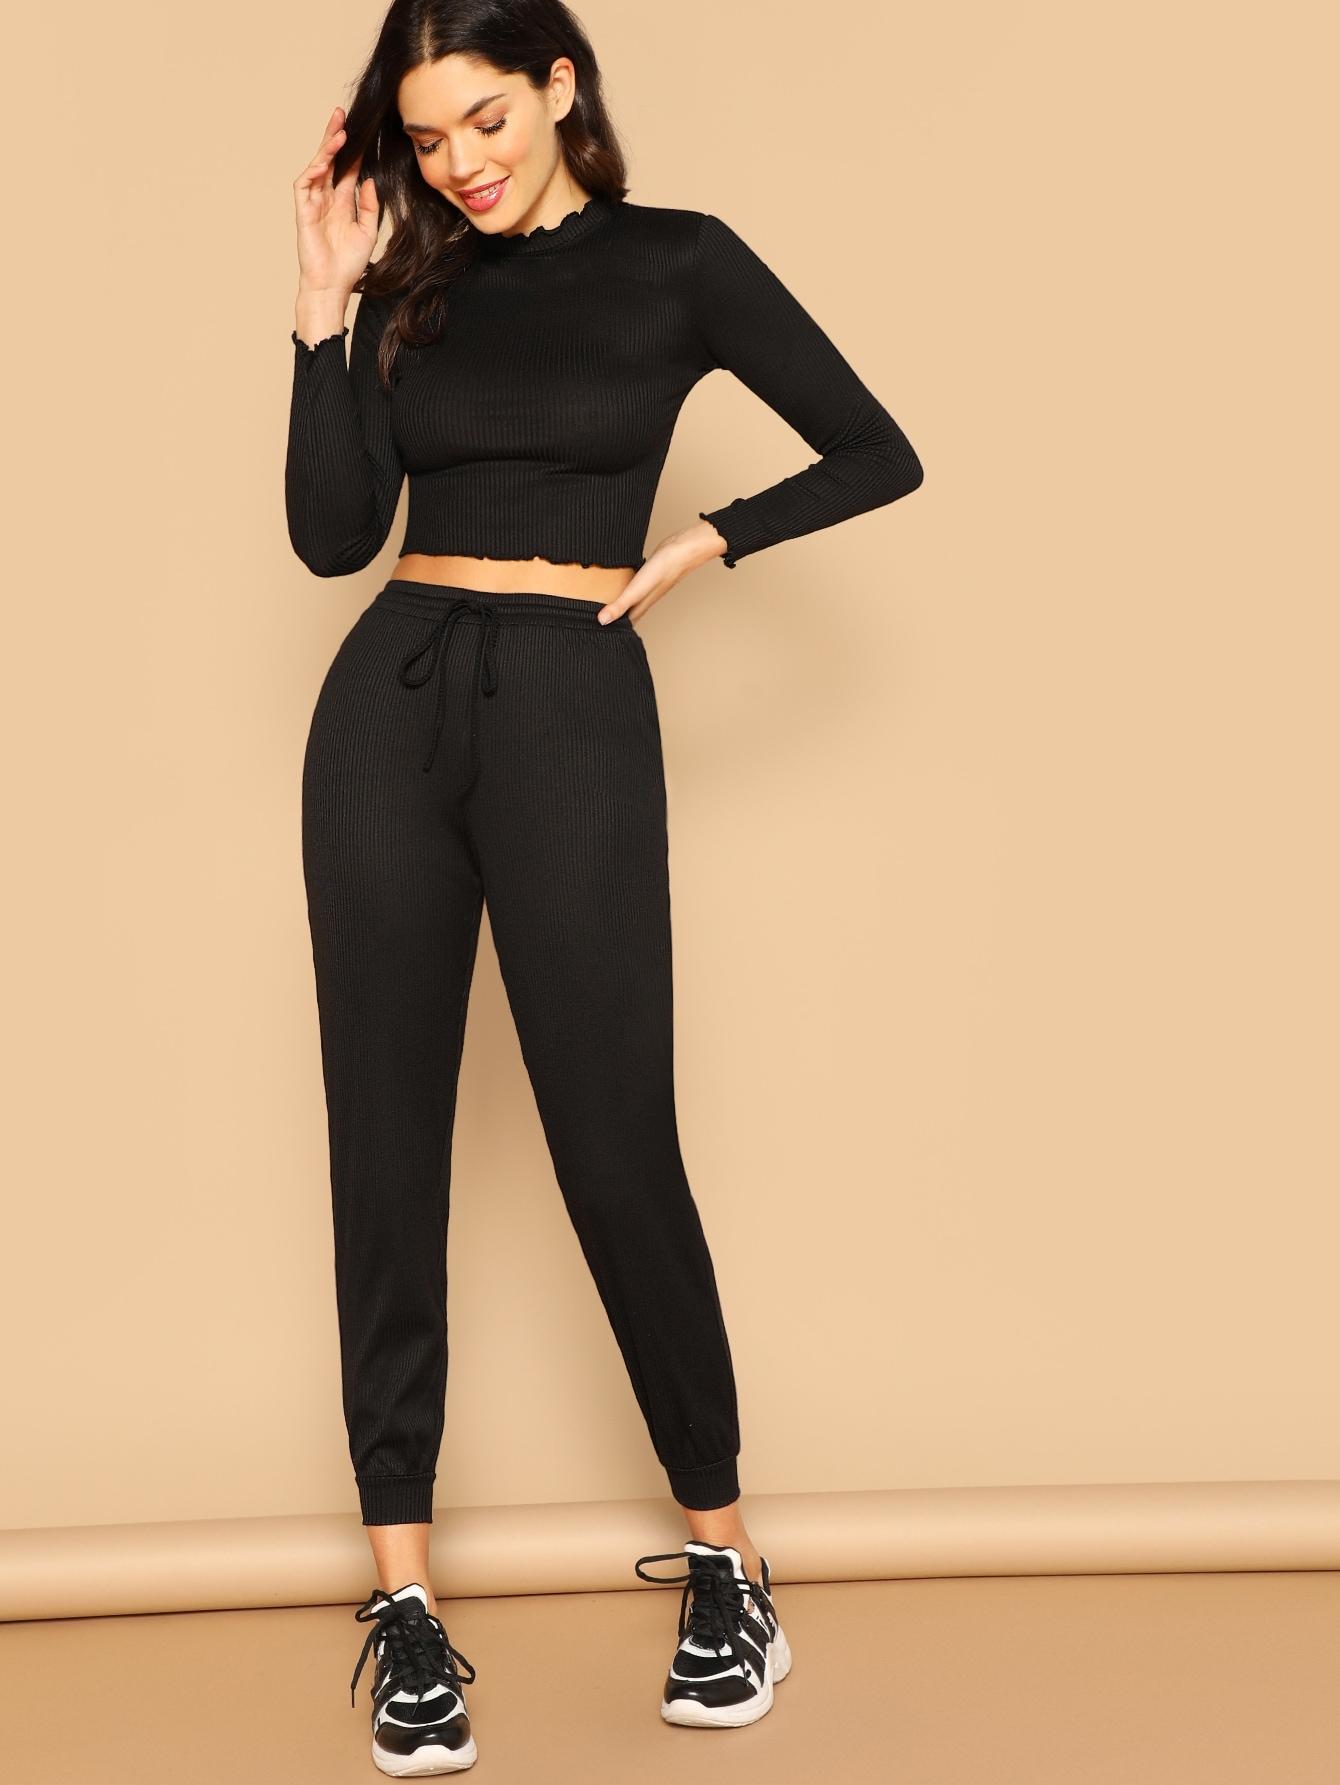 Купить Облегающий короткий топ и спортивные брюки комплект, Aarika Wolf, SheIn